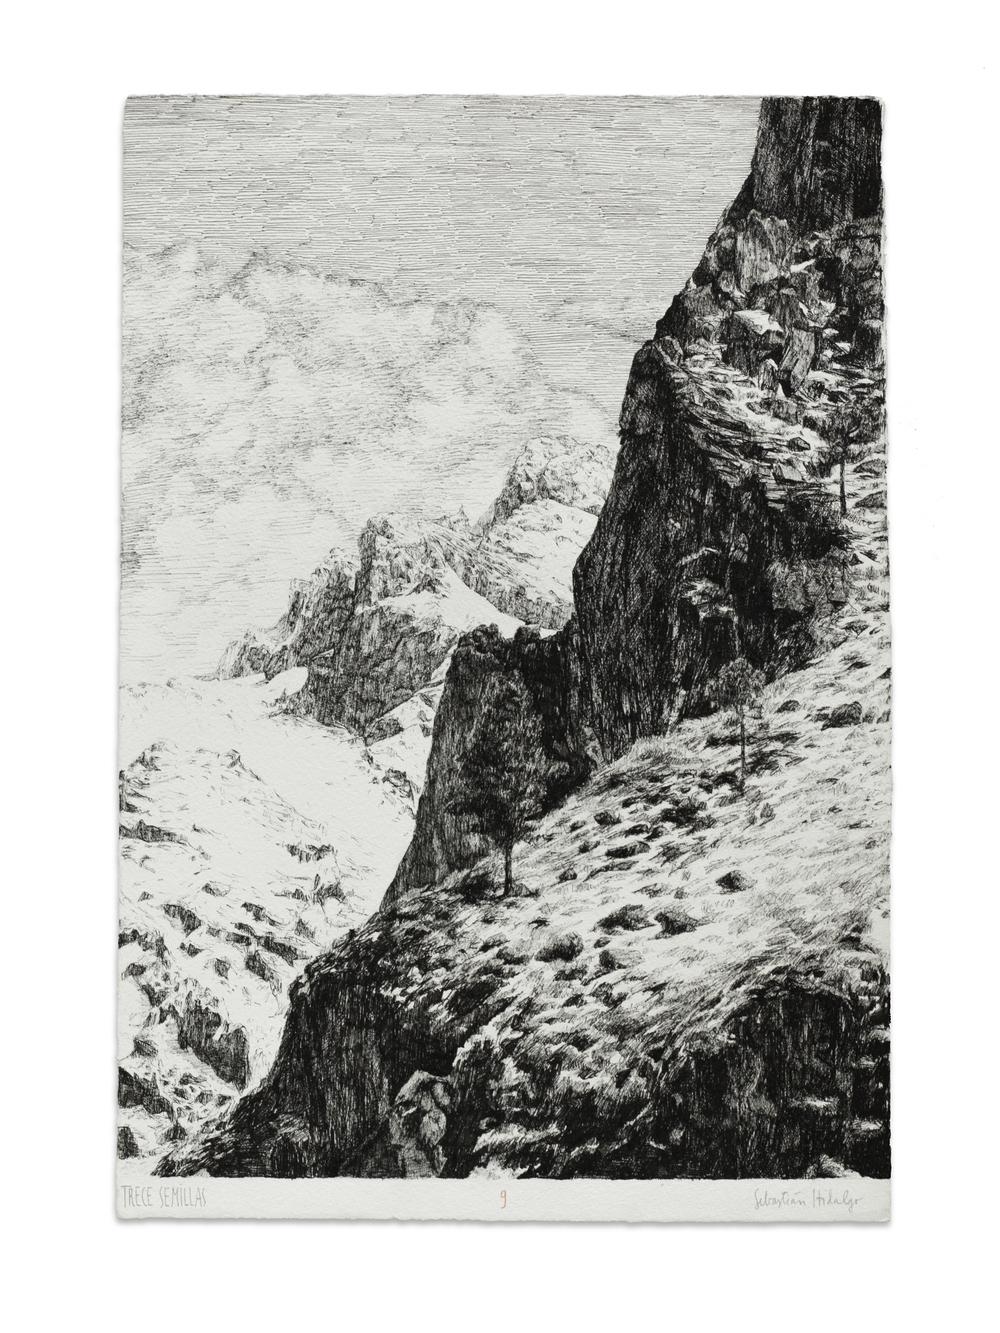 Trece semillas/9, 2015 Ink on paper, 39 x 26.5 cm